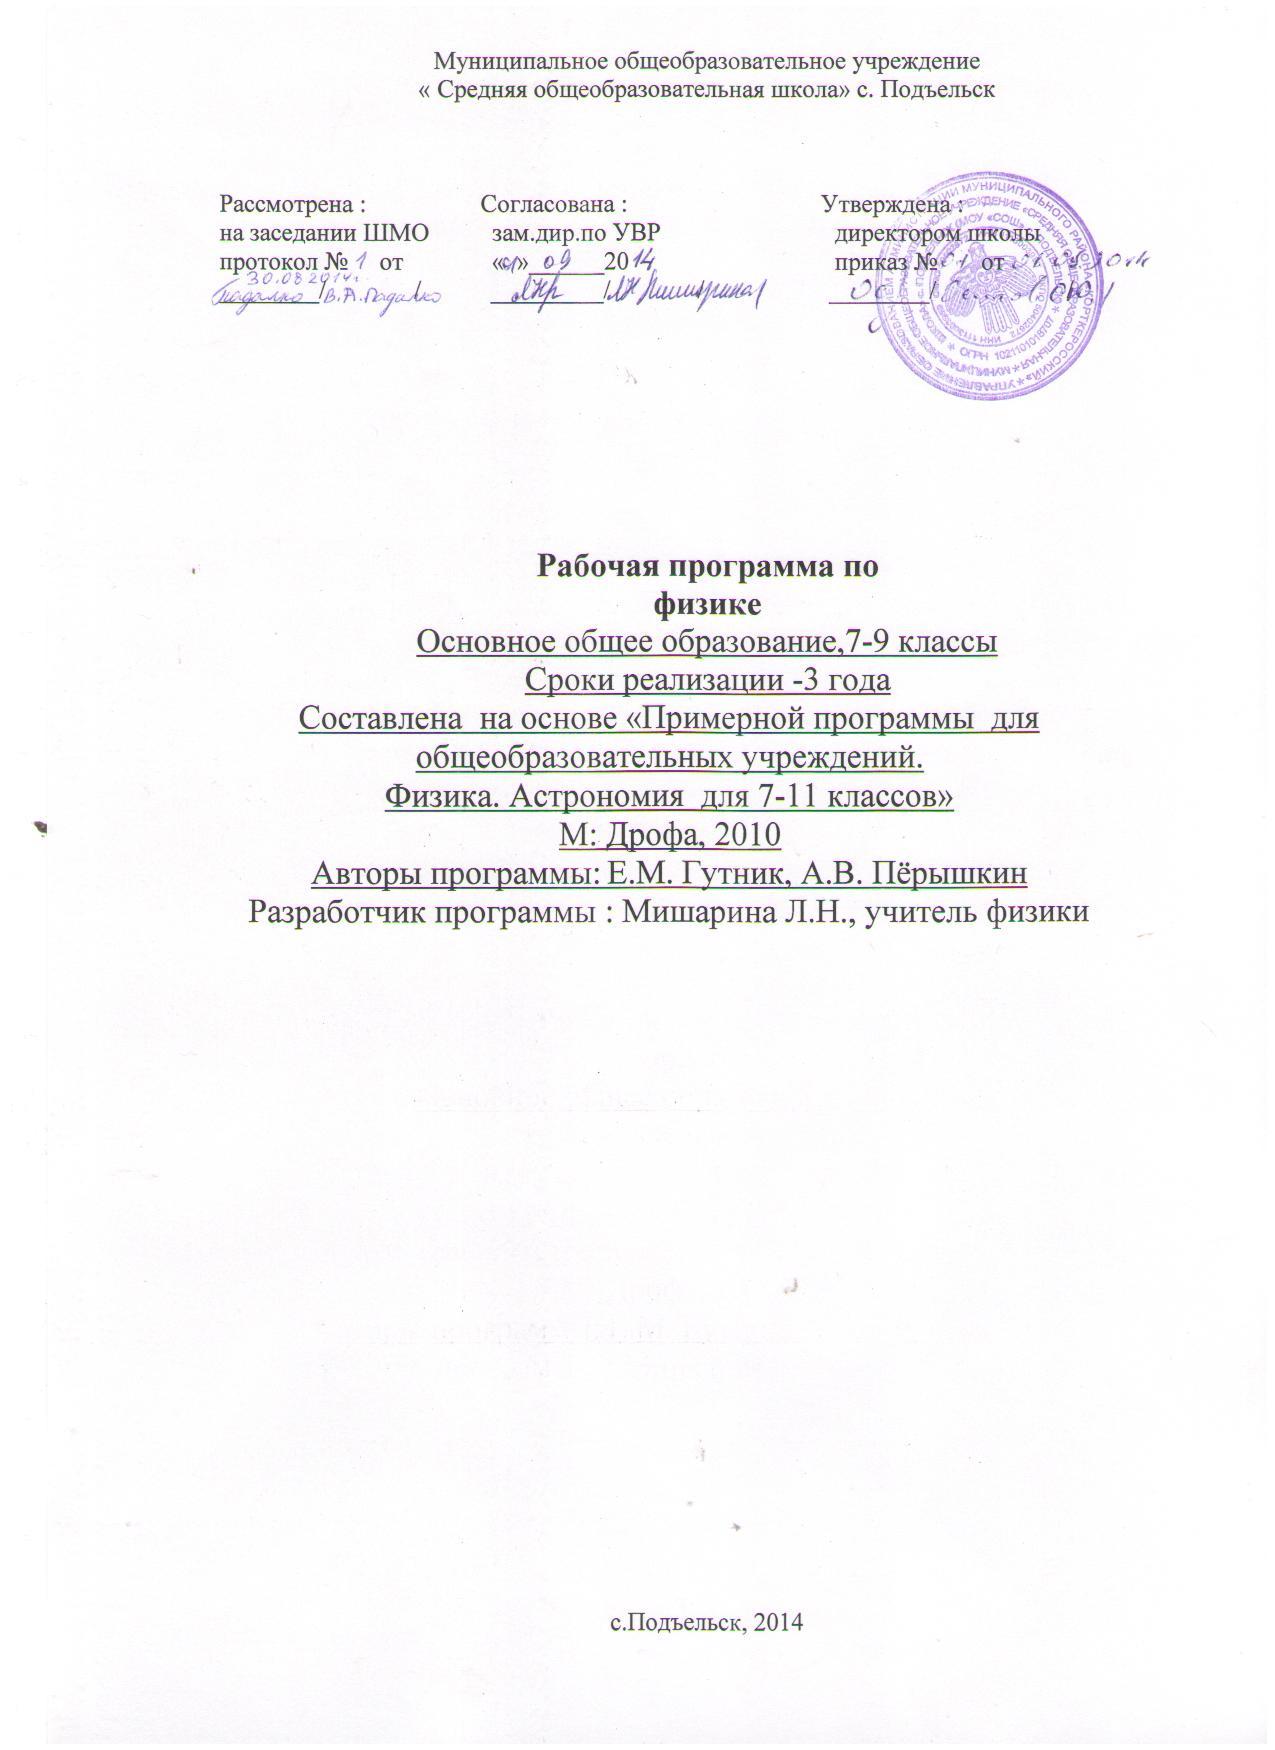 C:\Documents and Settings\никита\Рабочий стол\Мои титульные листы\титульный лист1.jpg